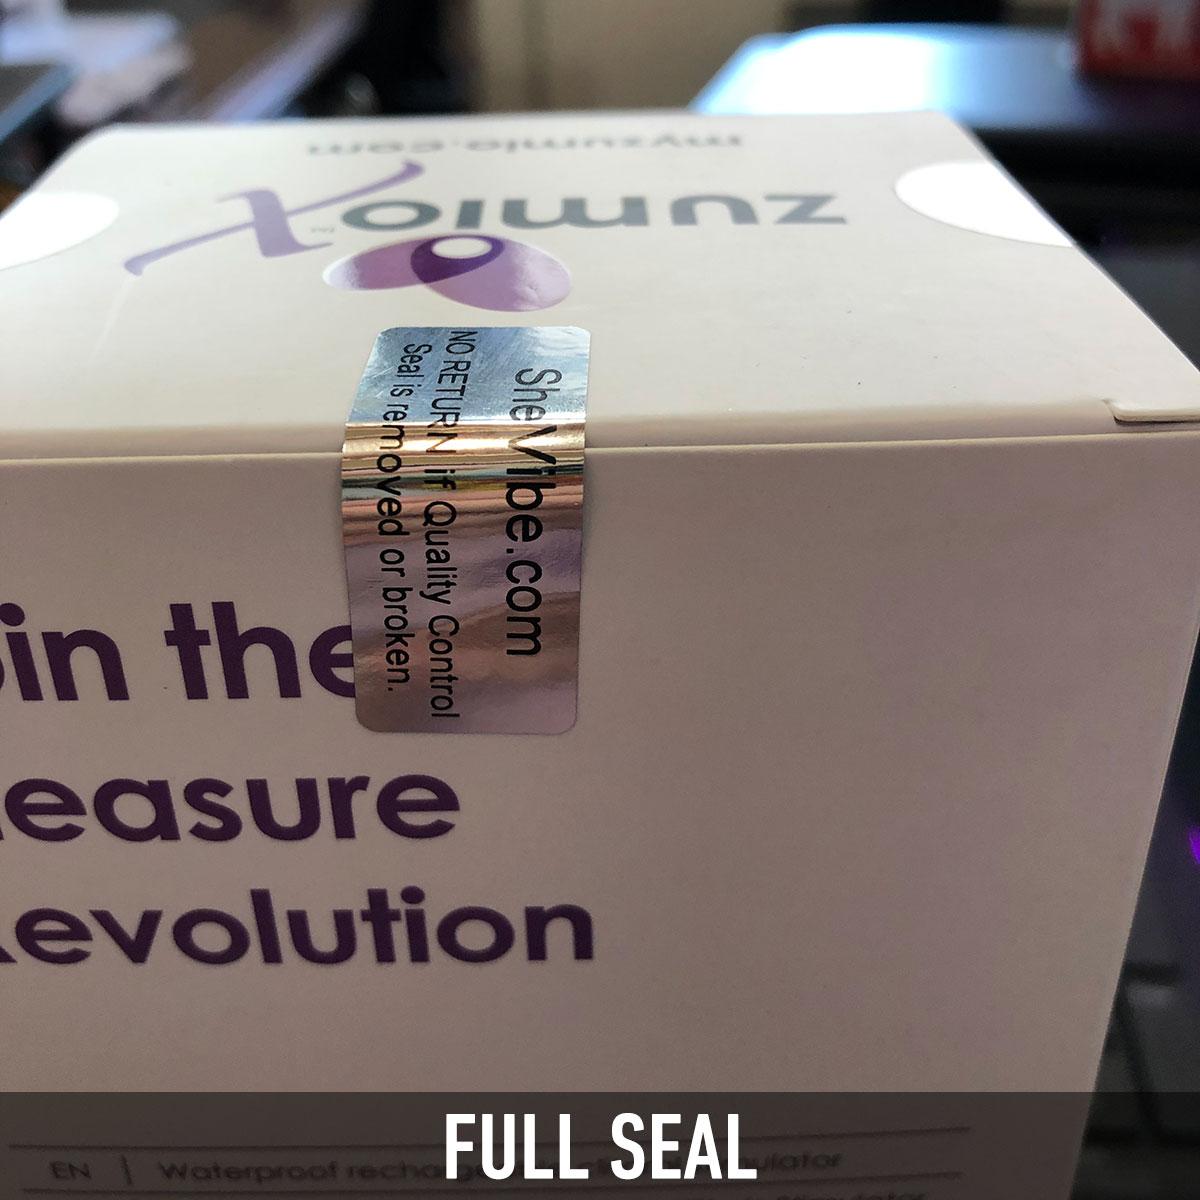 Security Seal - Full Seal